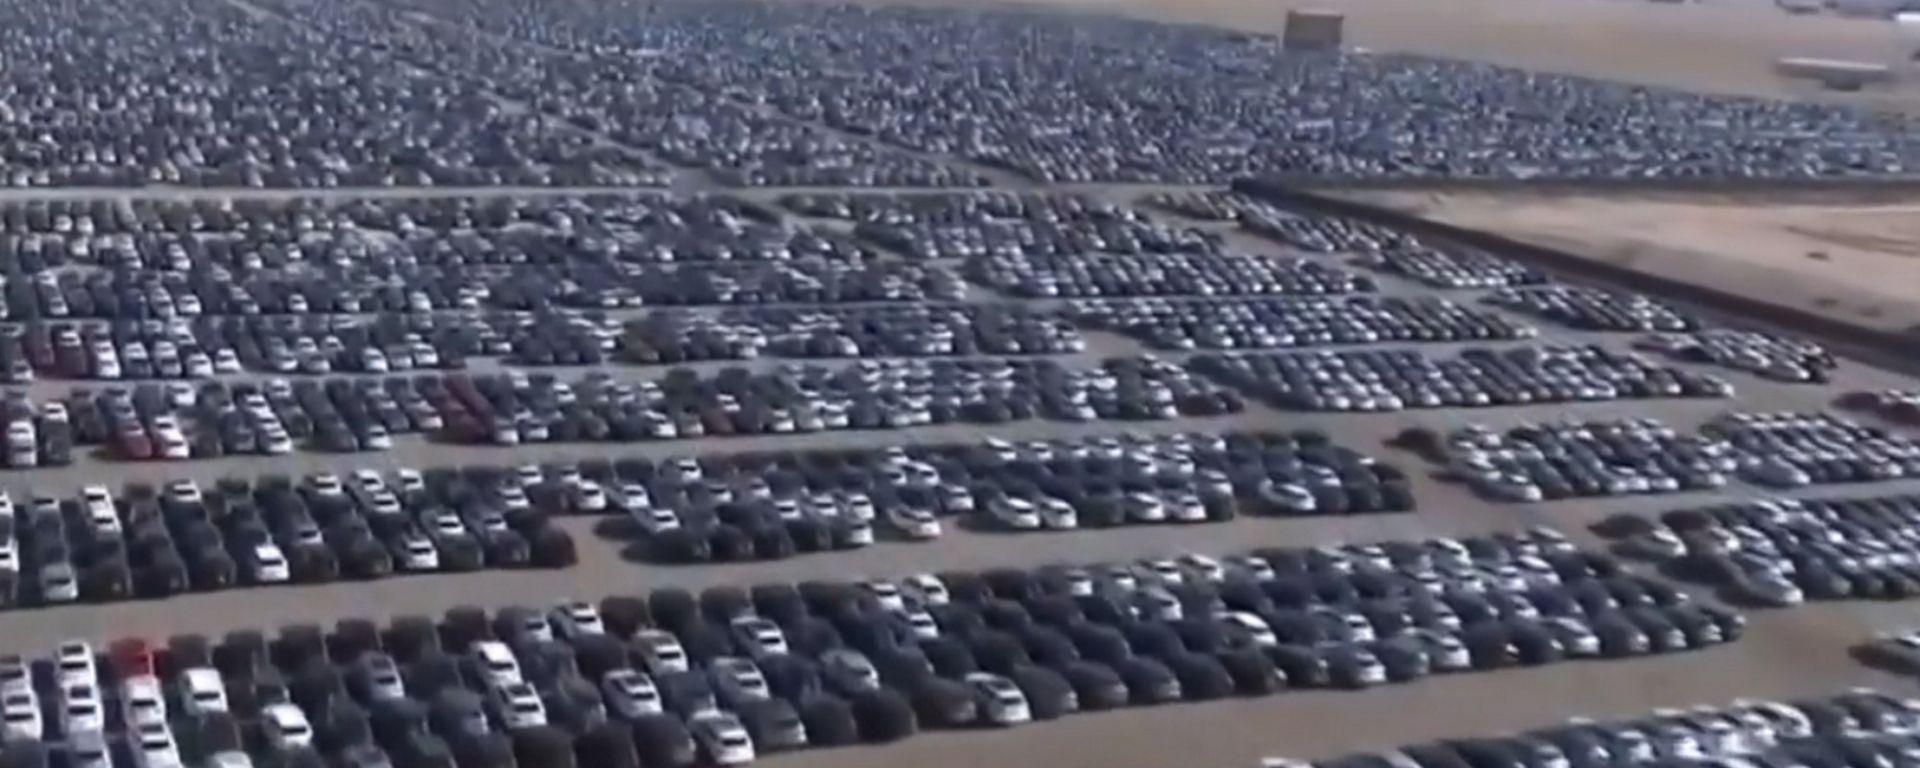 Alcune delle auto del Dieselgate